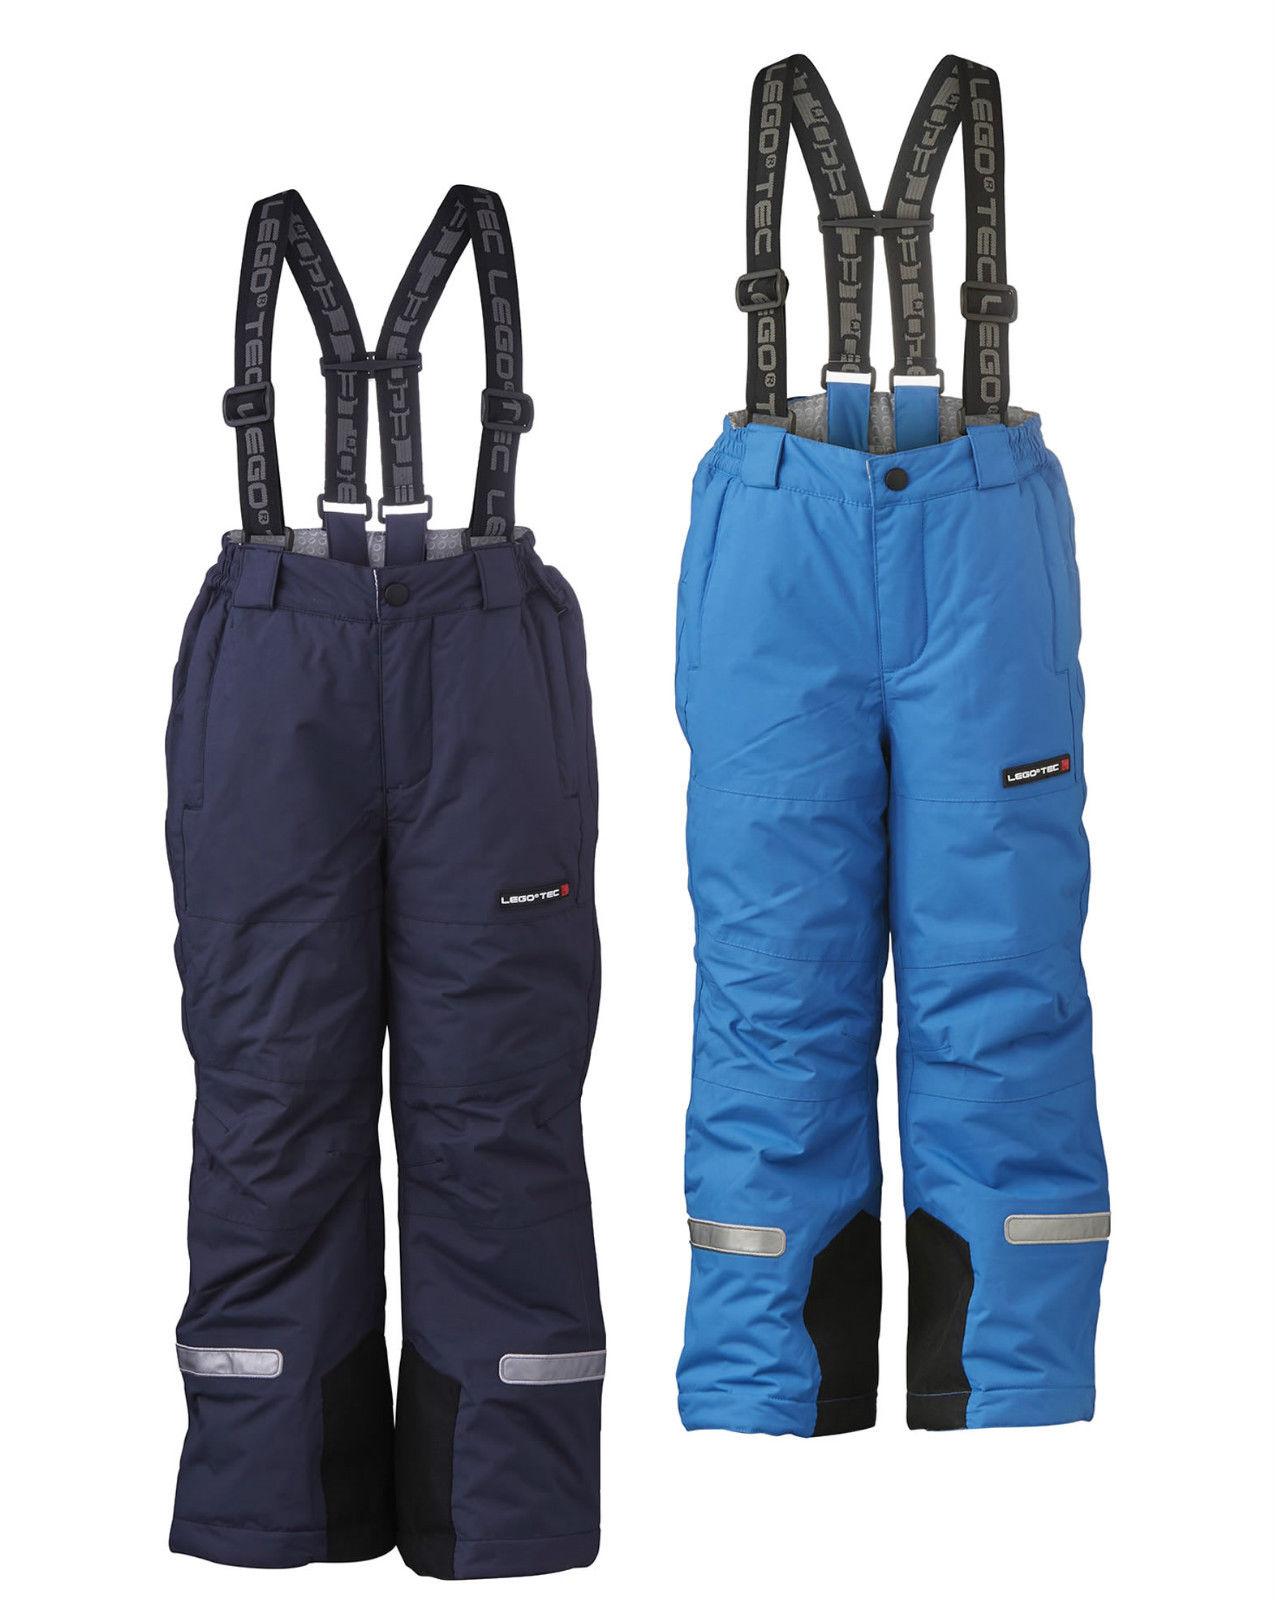 6edda7d55 Lego Tec Wear Pax 670 Kids Ski Pants Salopettes - Run Charlie